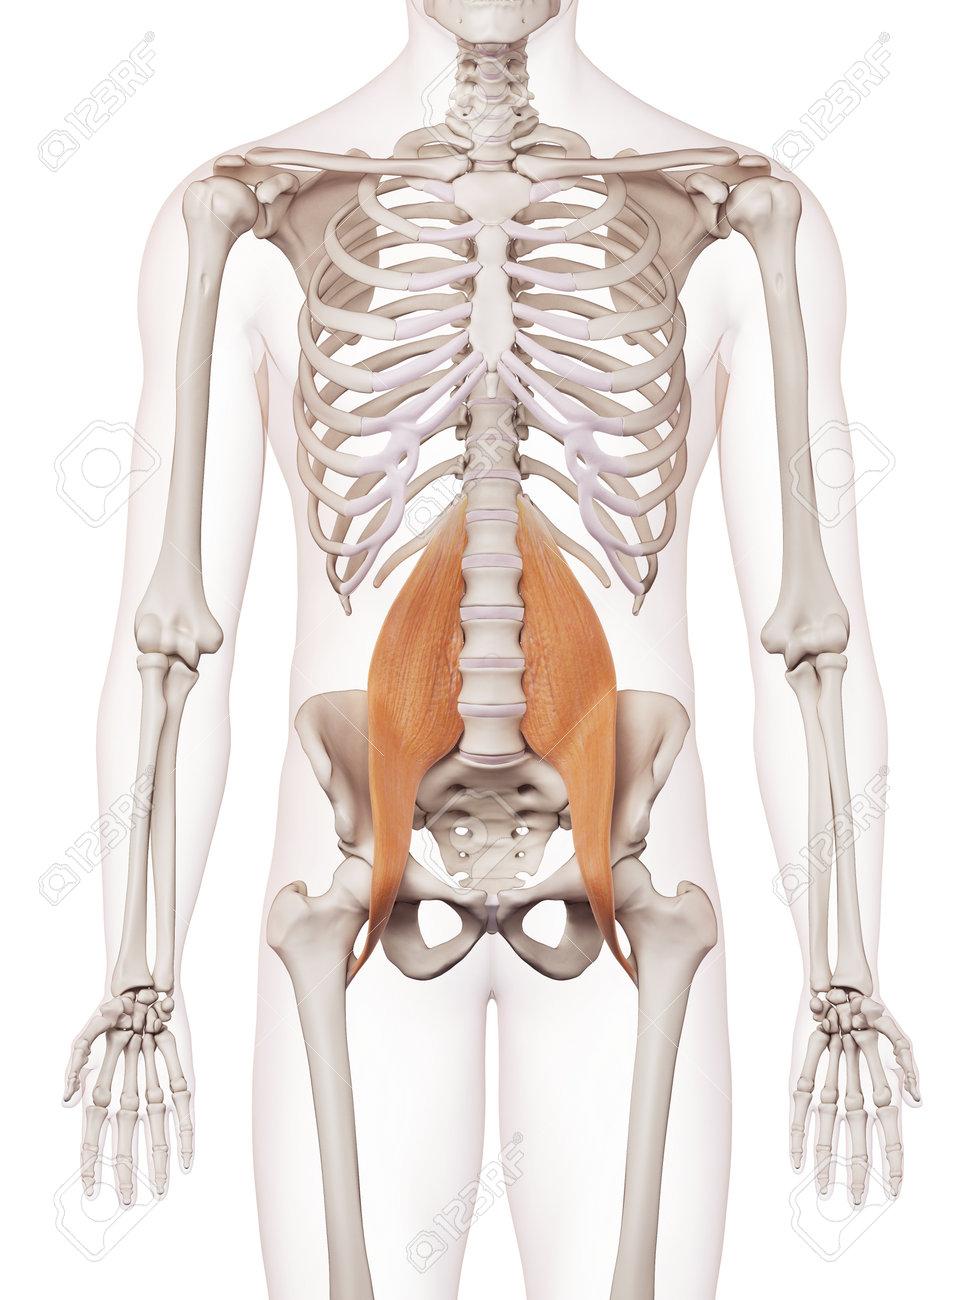 Ilustración Muscular Médicamente Exacta Del Psoas Fotos, Retratos ...